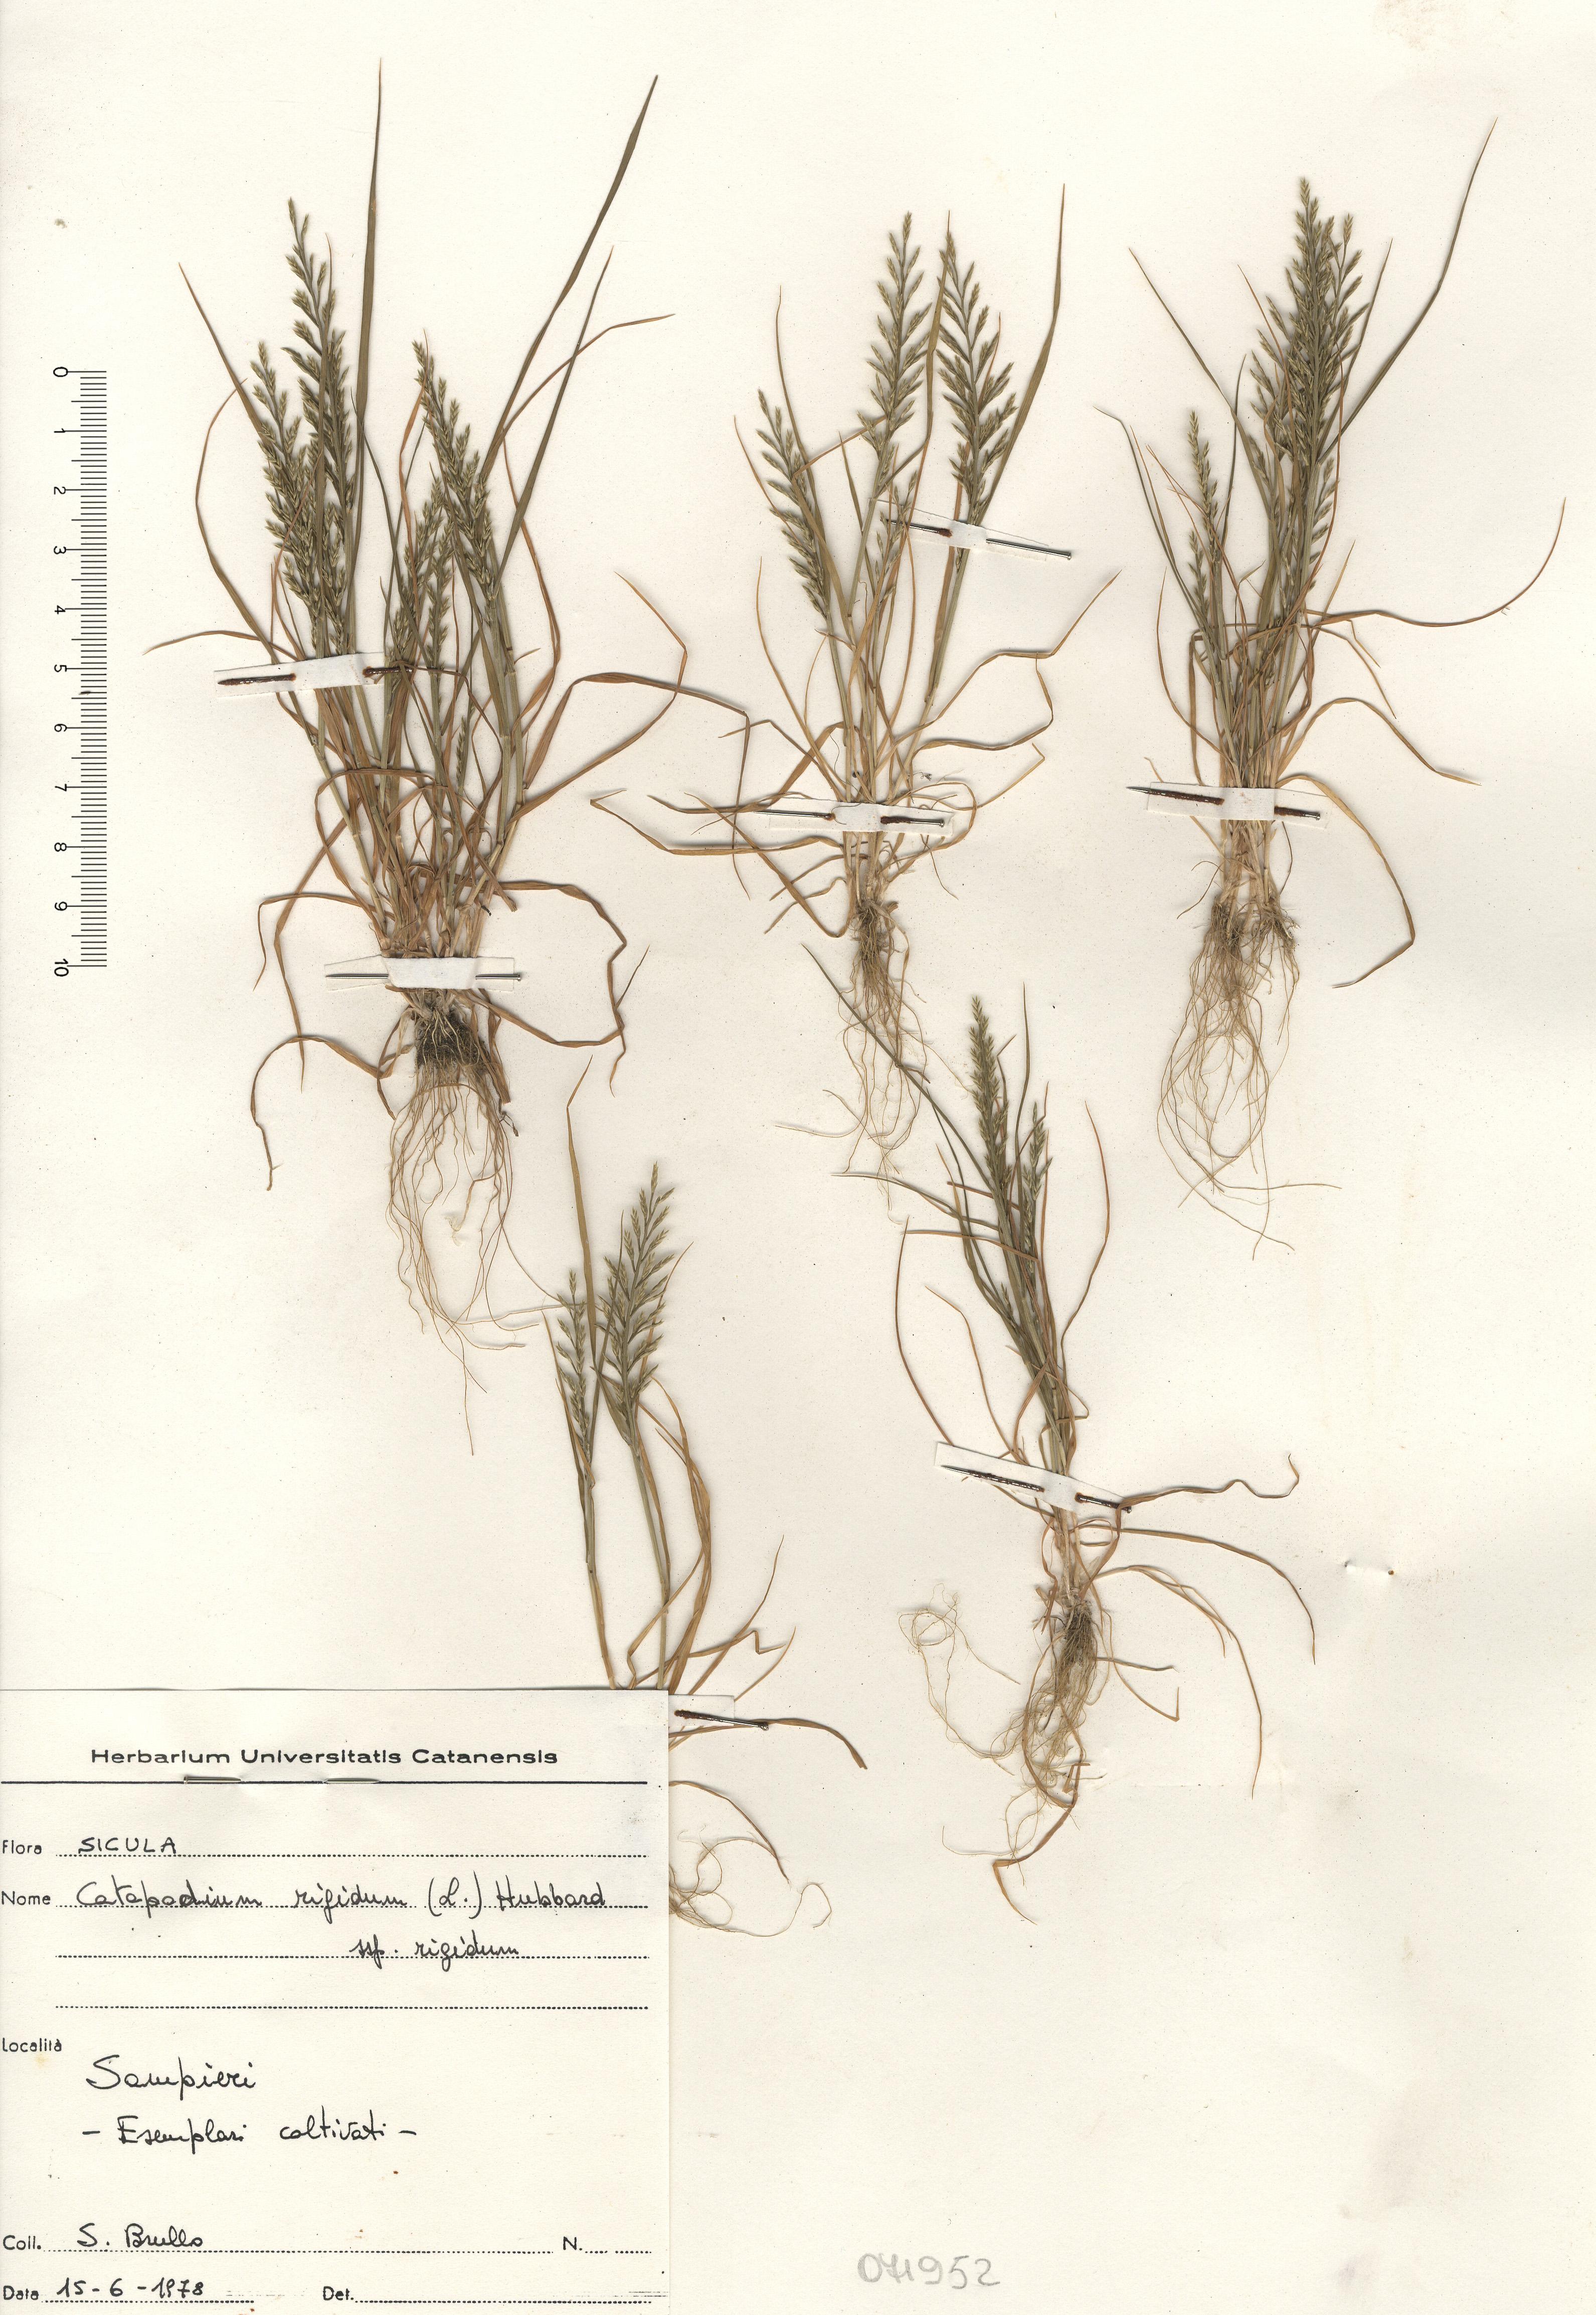 © Hortus Botanicus Catinensis - Herb. sheet 071952<br>